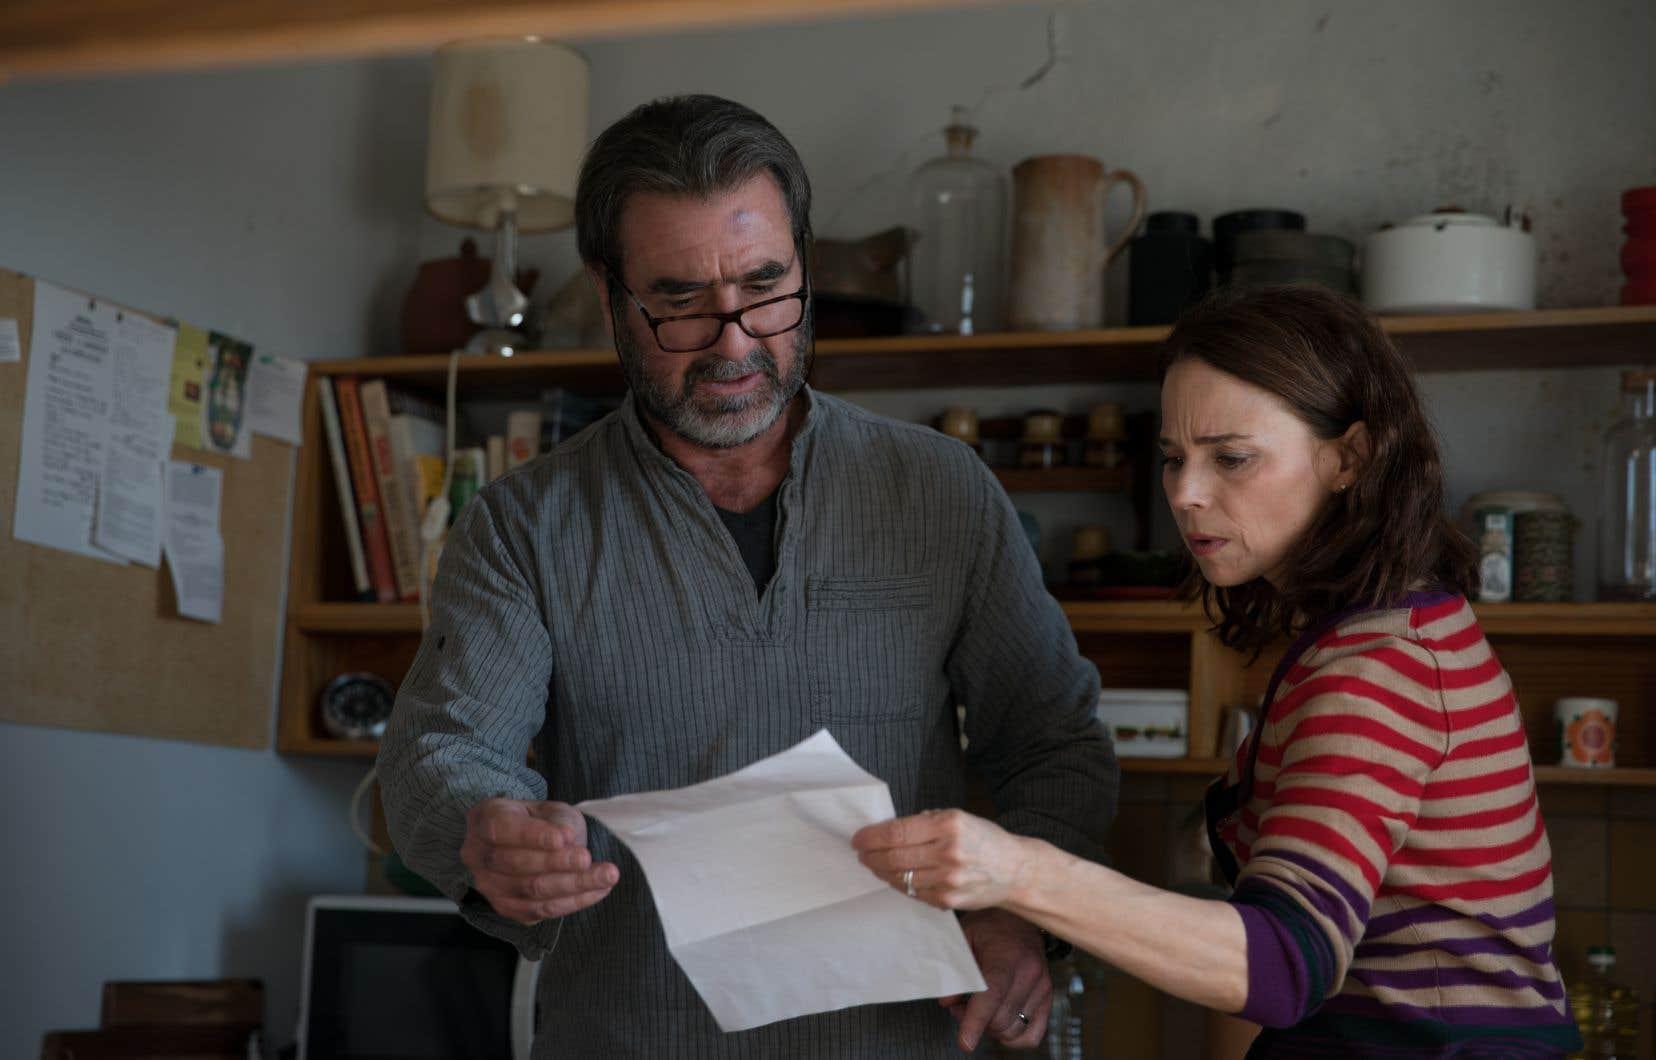 Dans «Dérapages», Éric Cantona, l'ex-footballeur devenu acteur, incarne le mari du personnage de Suzanne Clément. Ensemble, ils forment un duo émouvant, soudé.